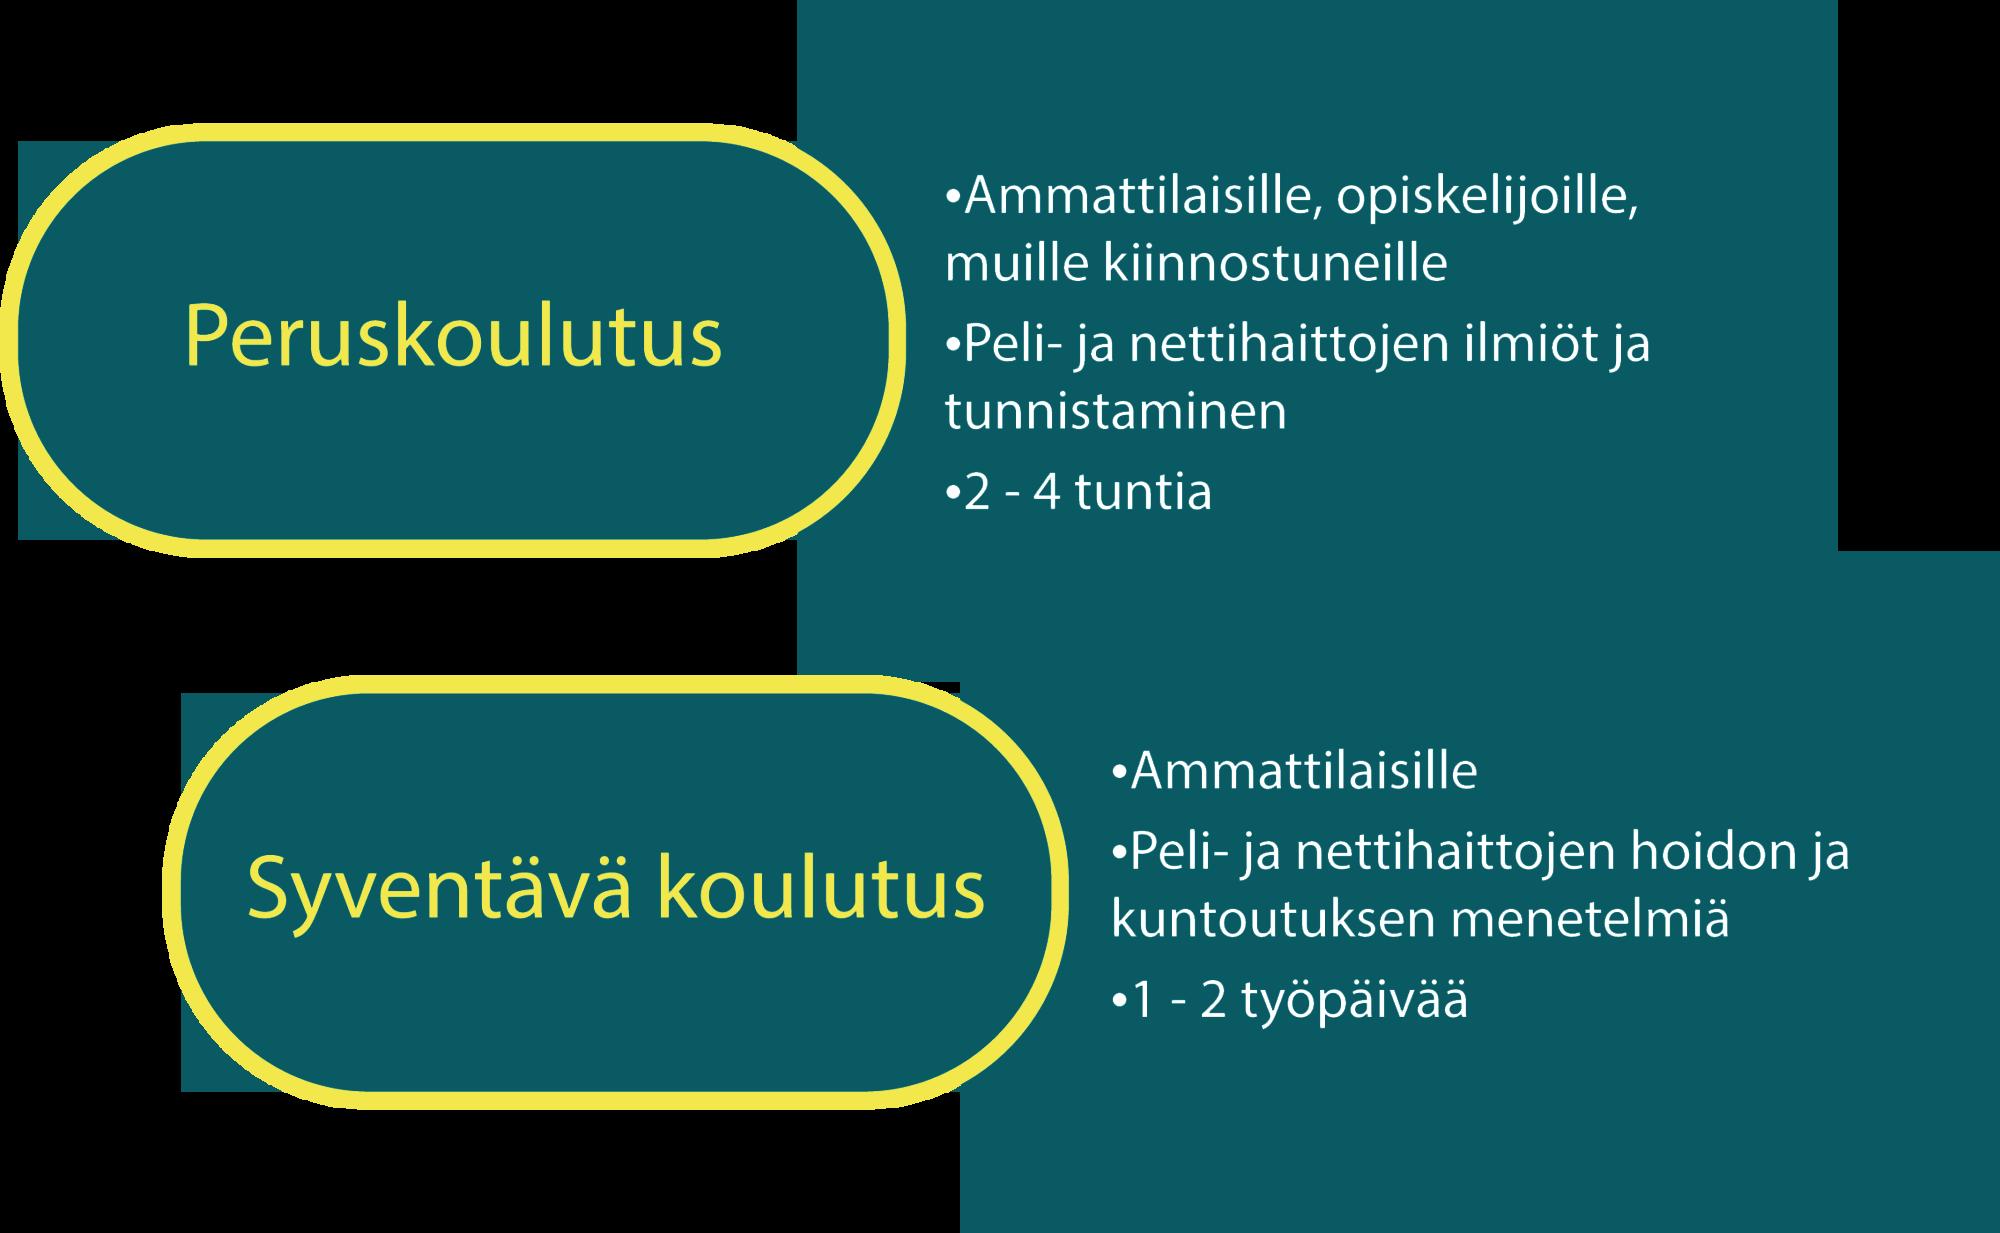 Infografiikka koulutuksista